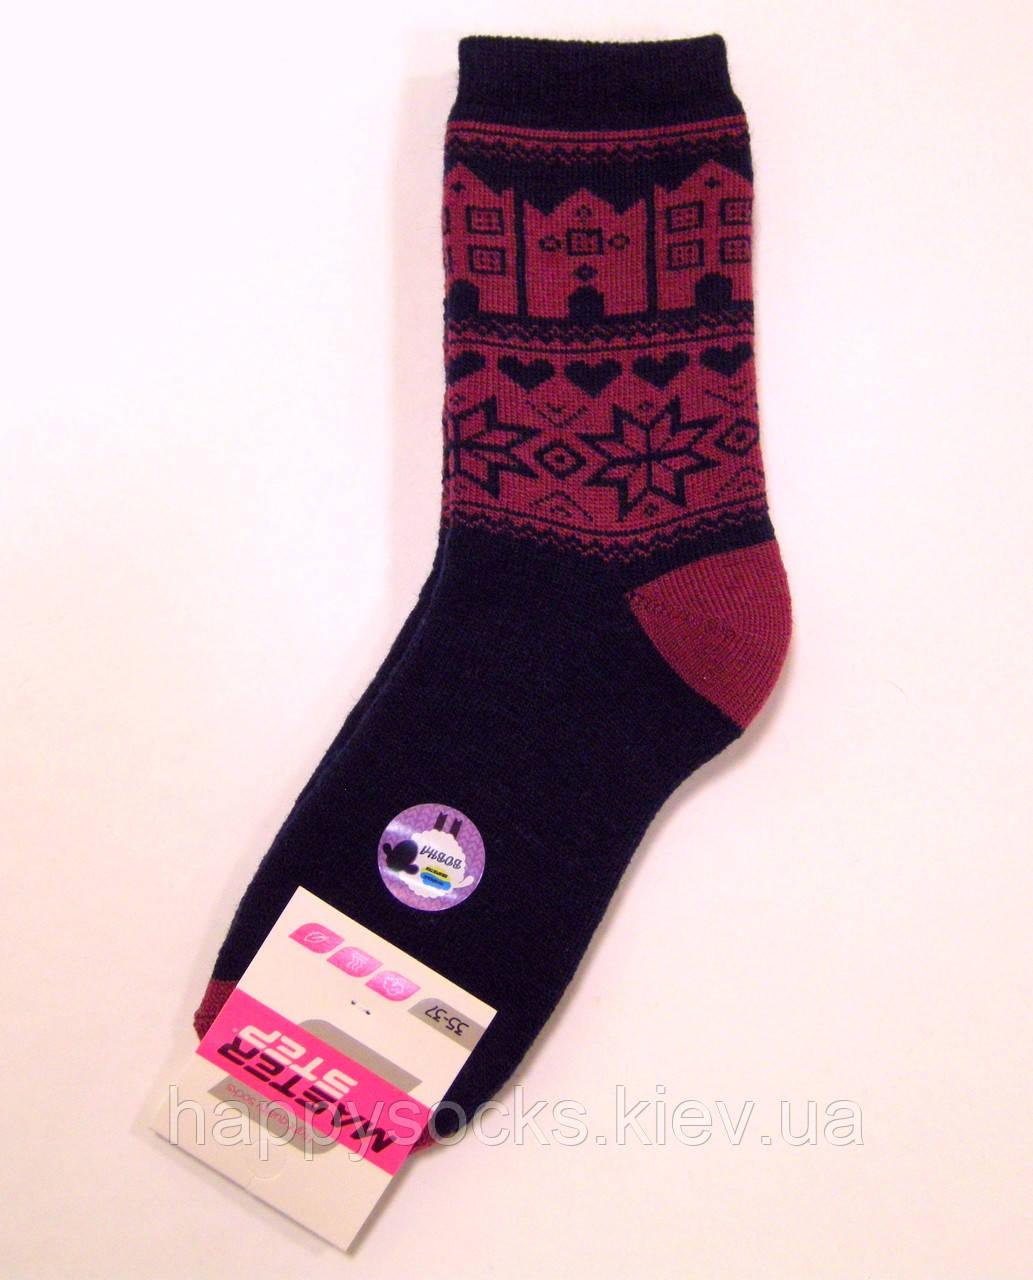 Женские полушерстяные махровые носки в этнические узоры